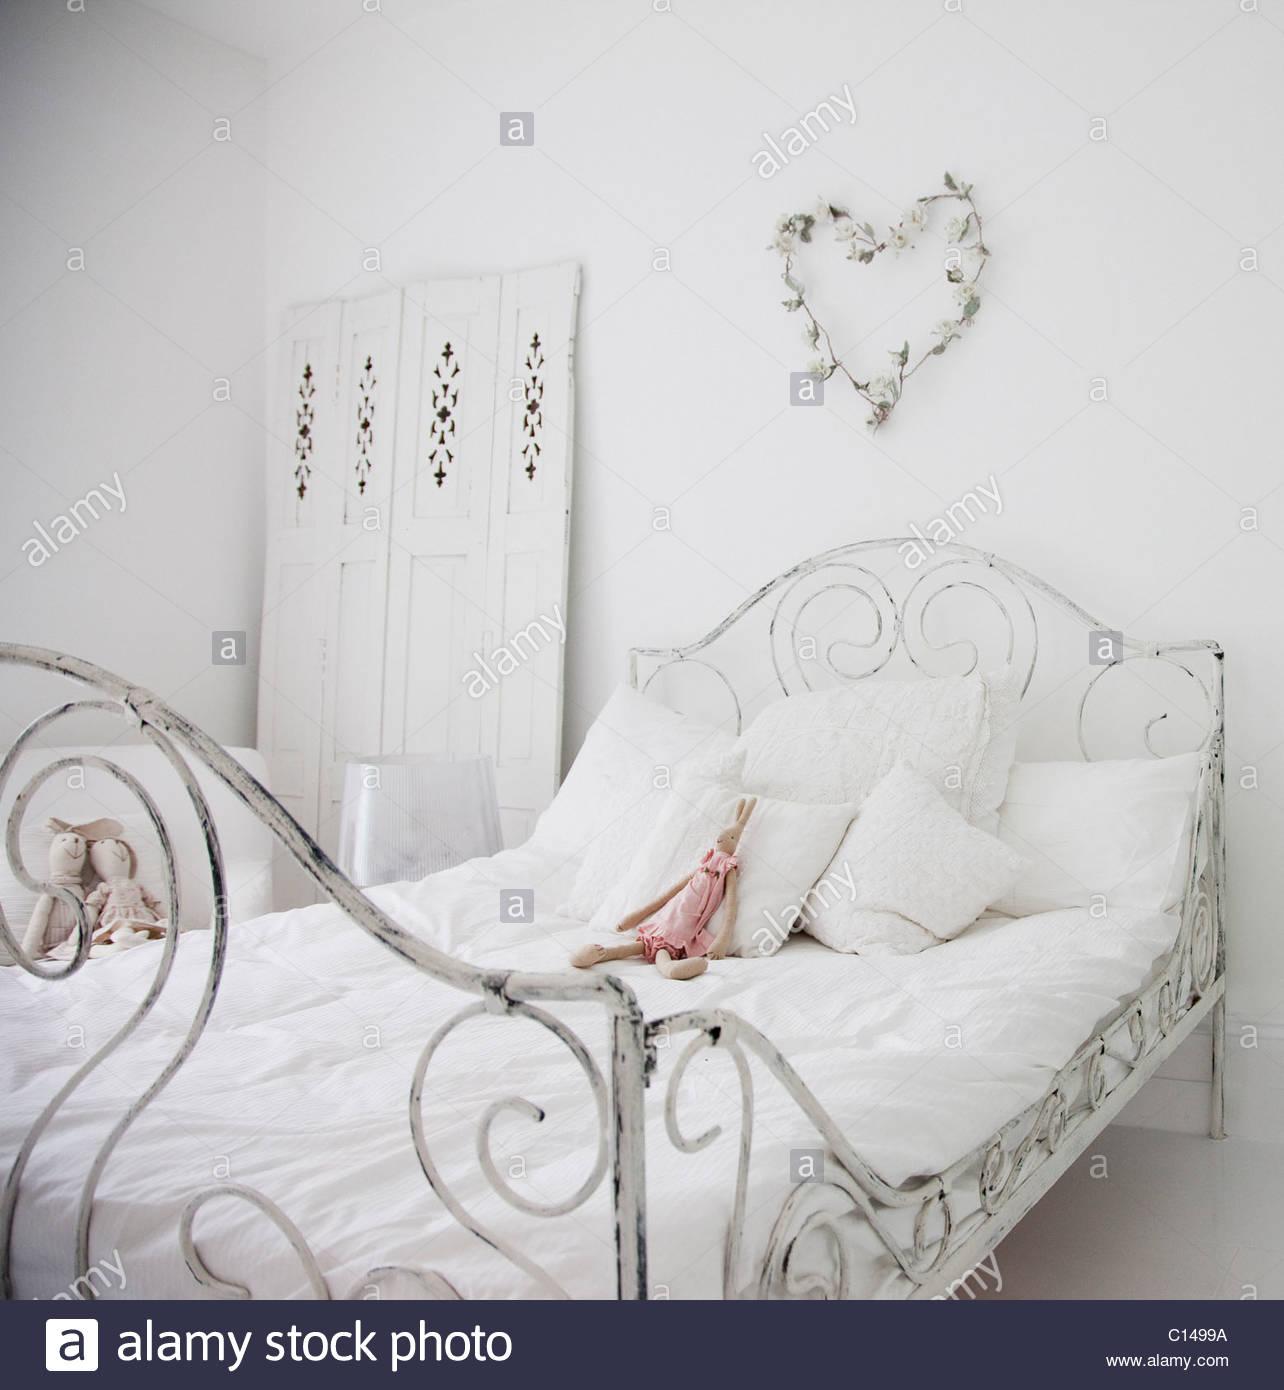 Weiße, altmodische Bett im eleganten Schlafzimmer Stockfoto, Bild ...